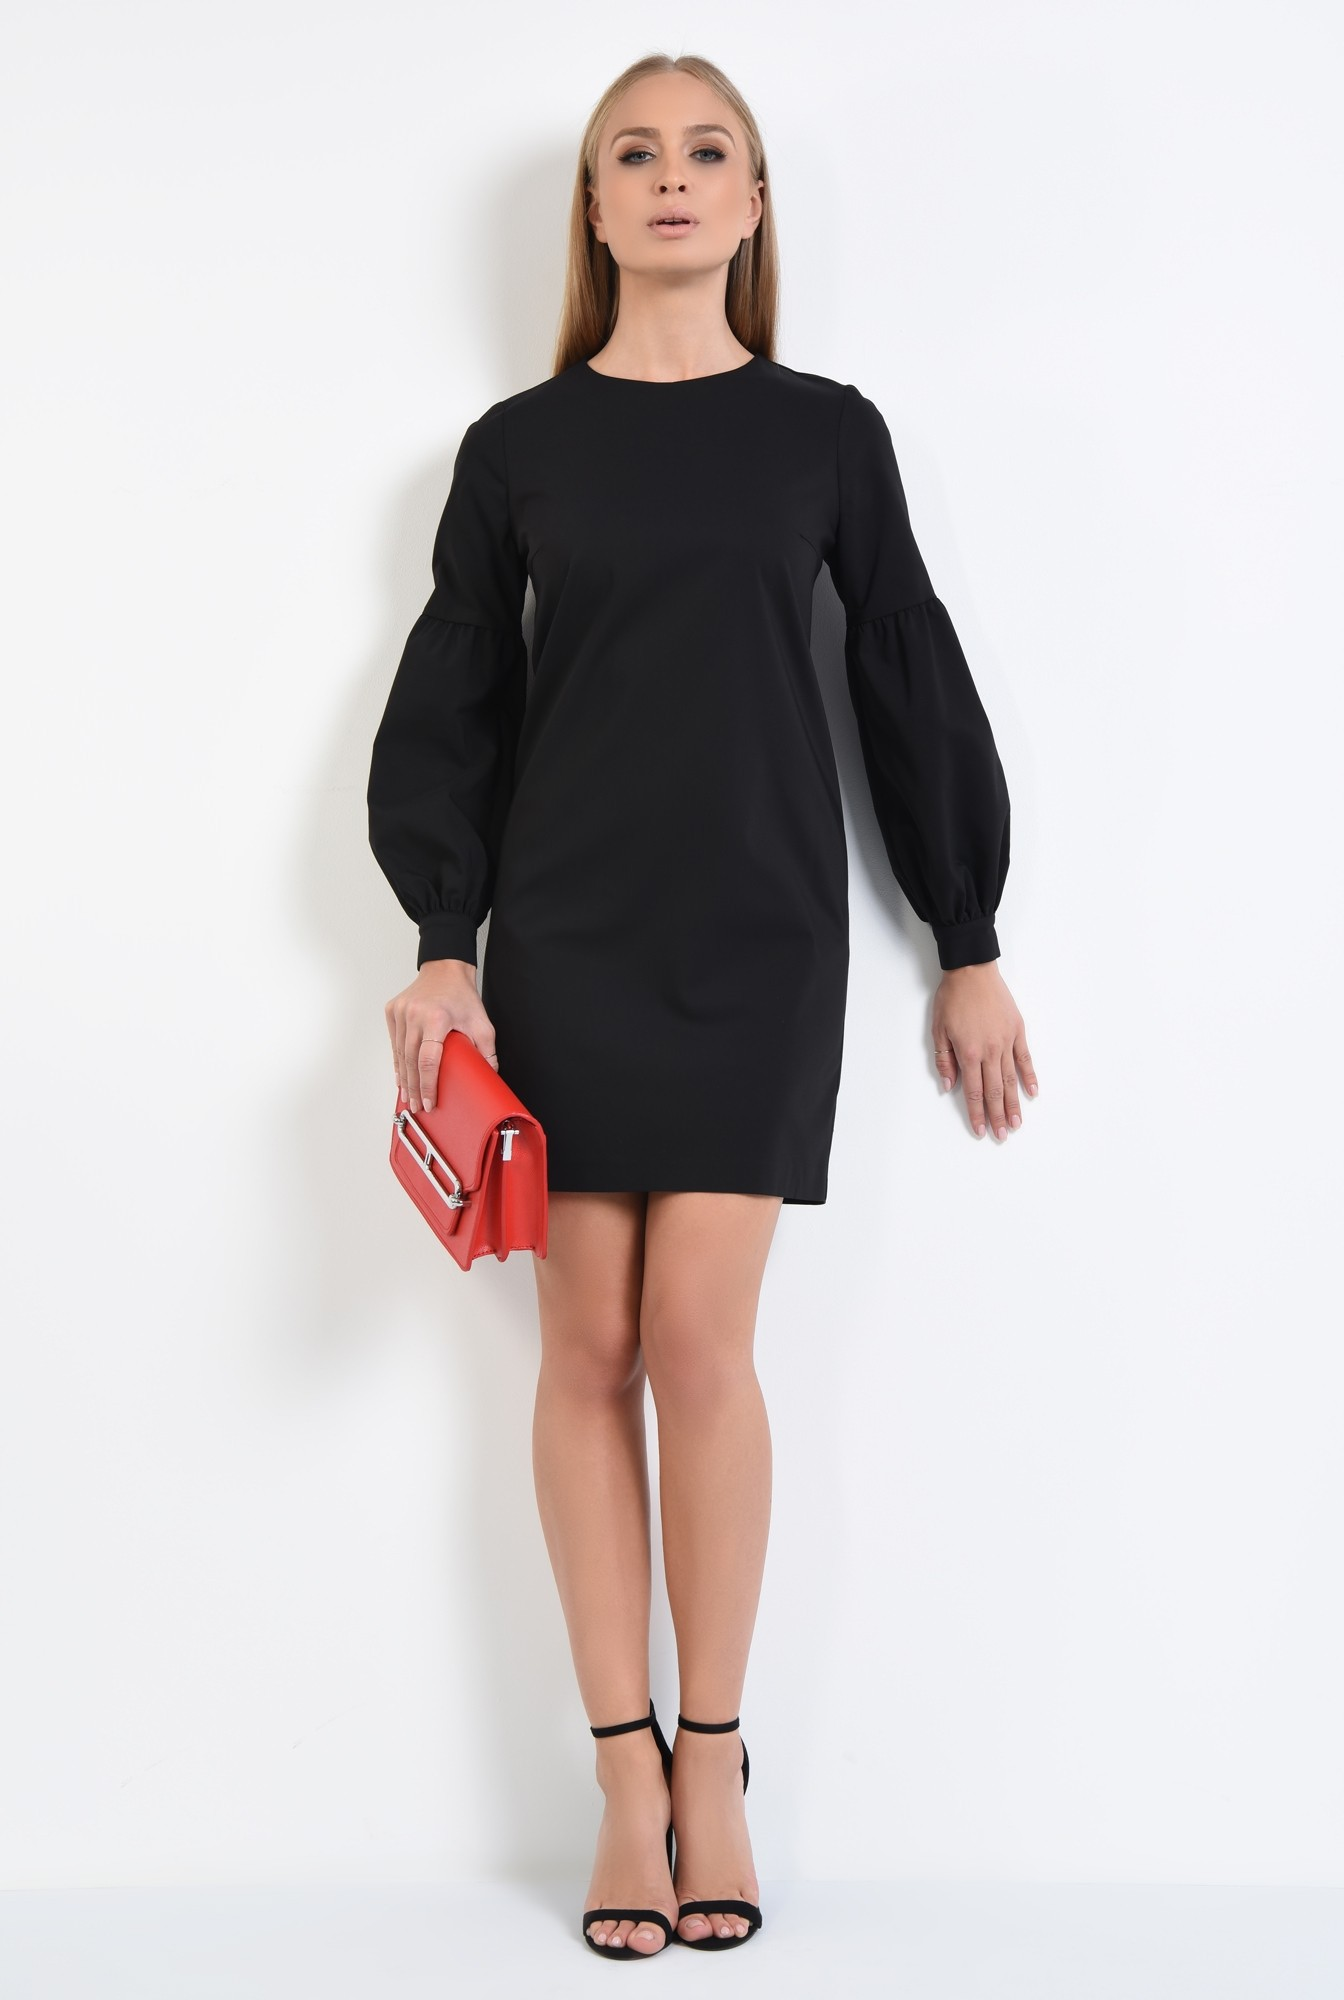 3 - rochie mini neagra, decolteu rotund la baza gatului